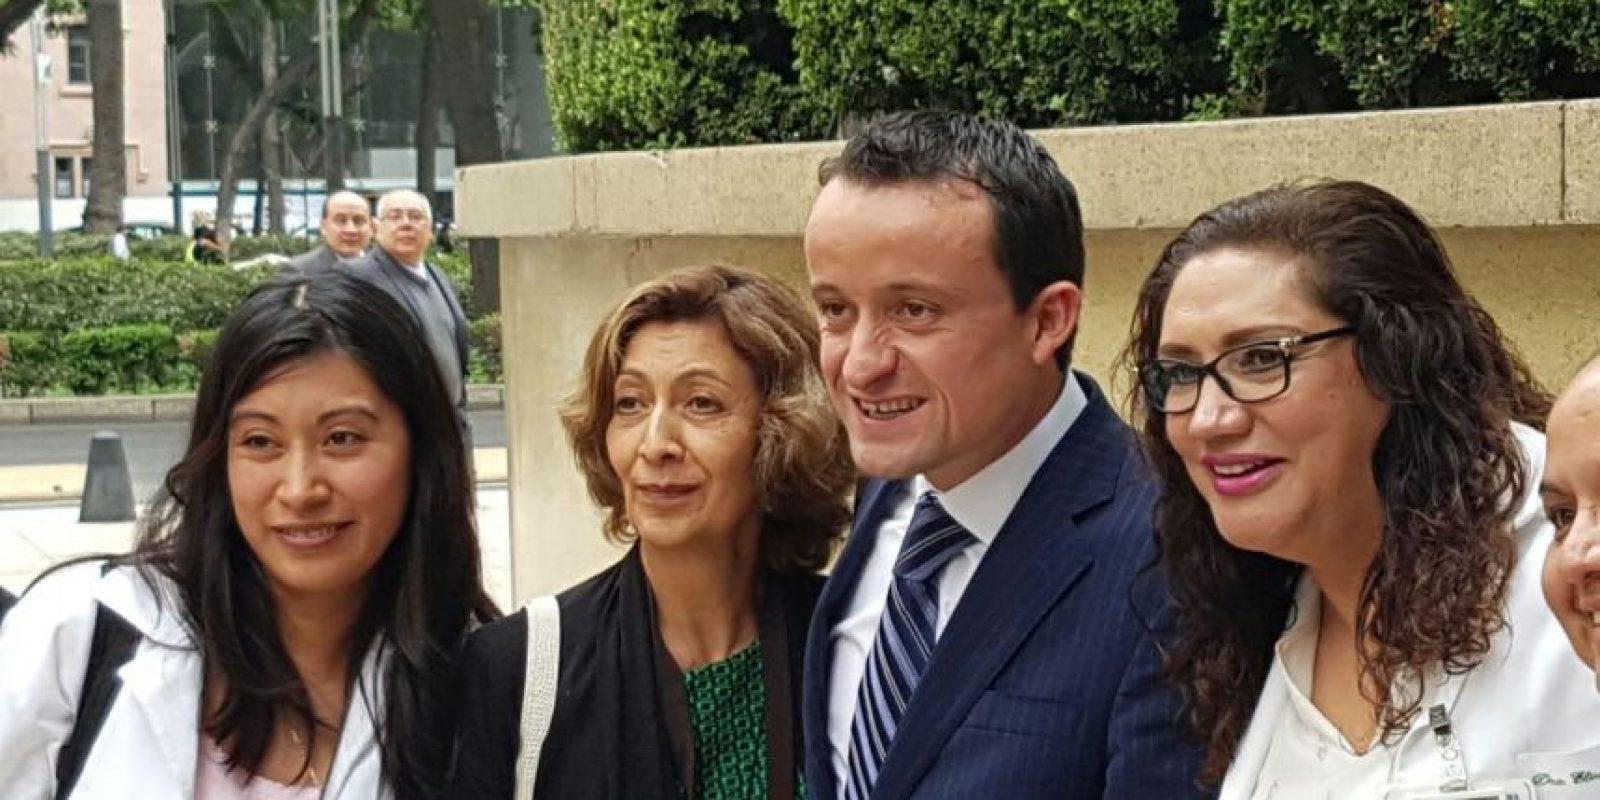 Las madres tendrán la posibilidad de transferir de una a cuatro semanas sus licencias de incapacidad Foto:Ignacio Gómez